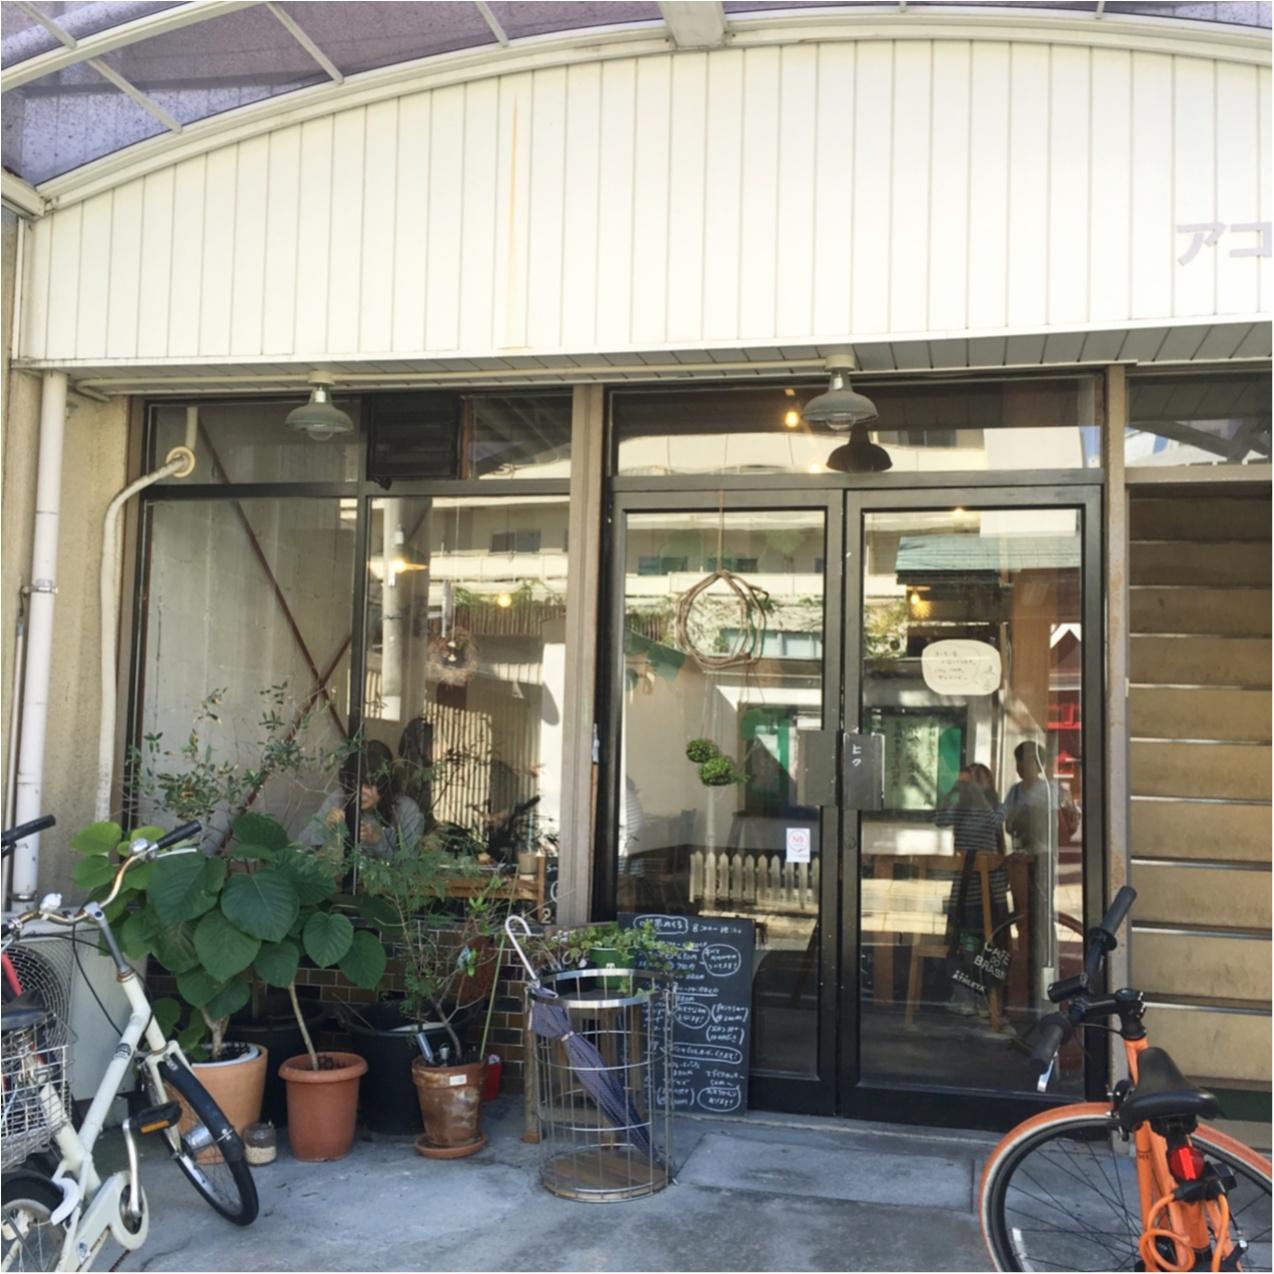 おすすめの喫茶店・カフェ特集 - 東京のレトロな喫茶店4選など、全国のフォトジェニックなカフェまとめ_25